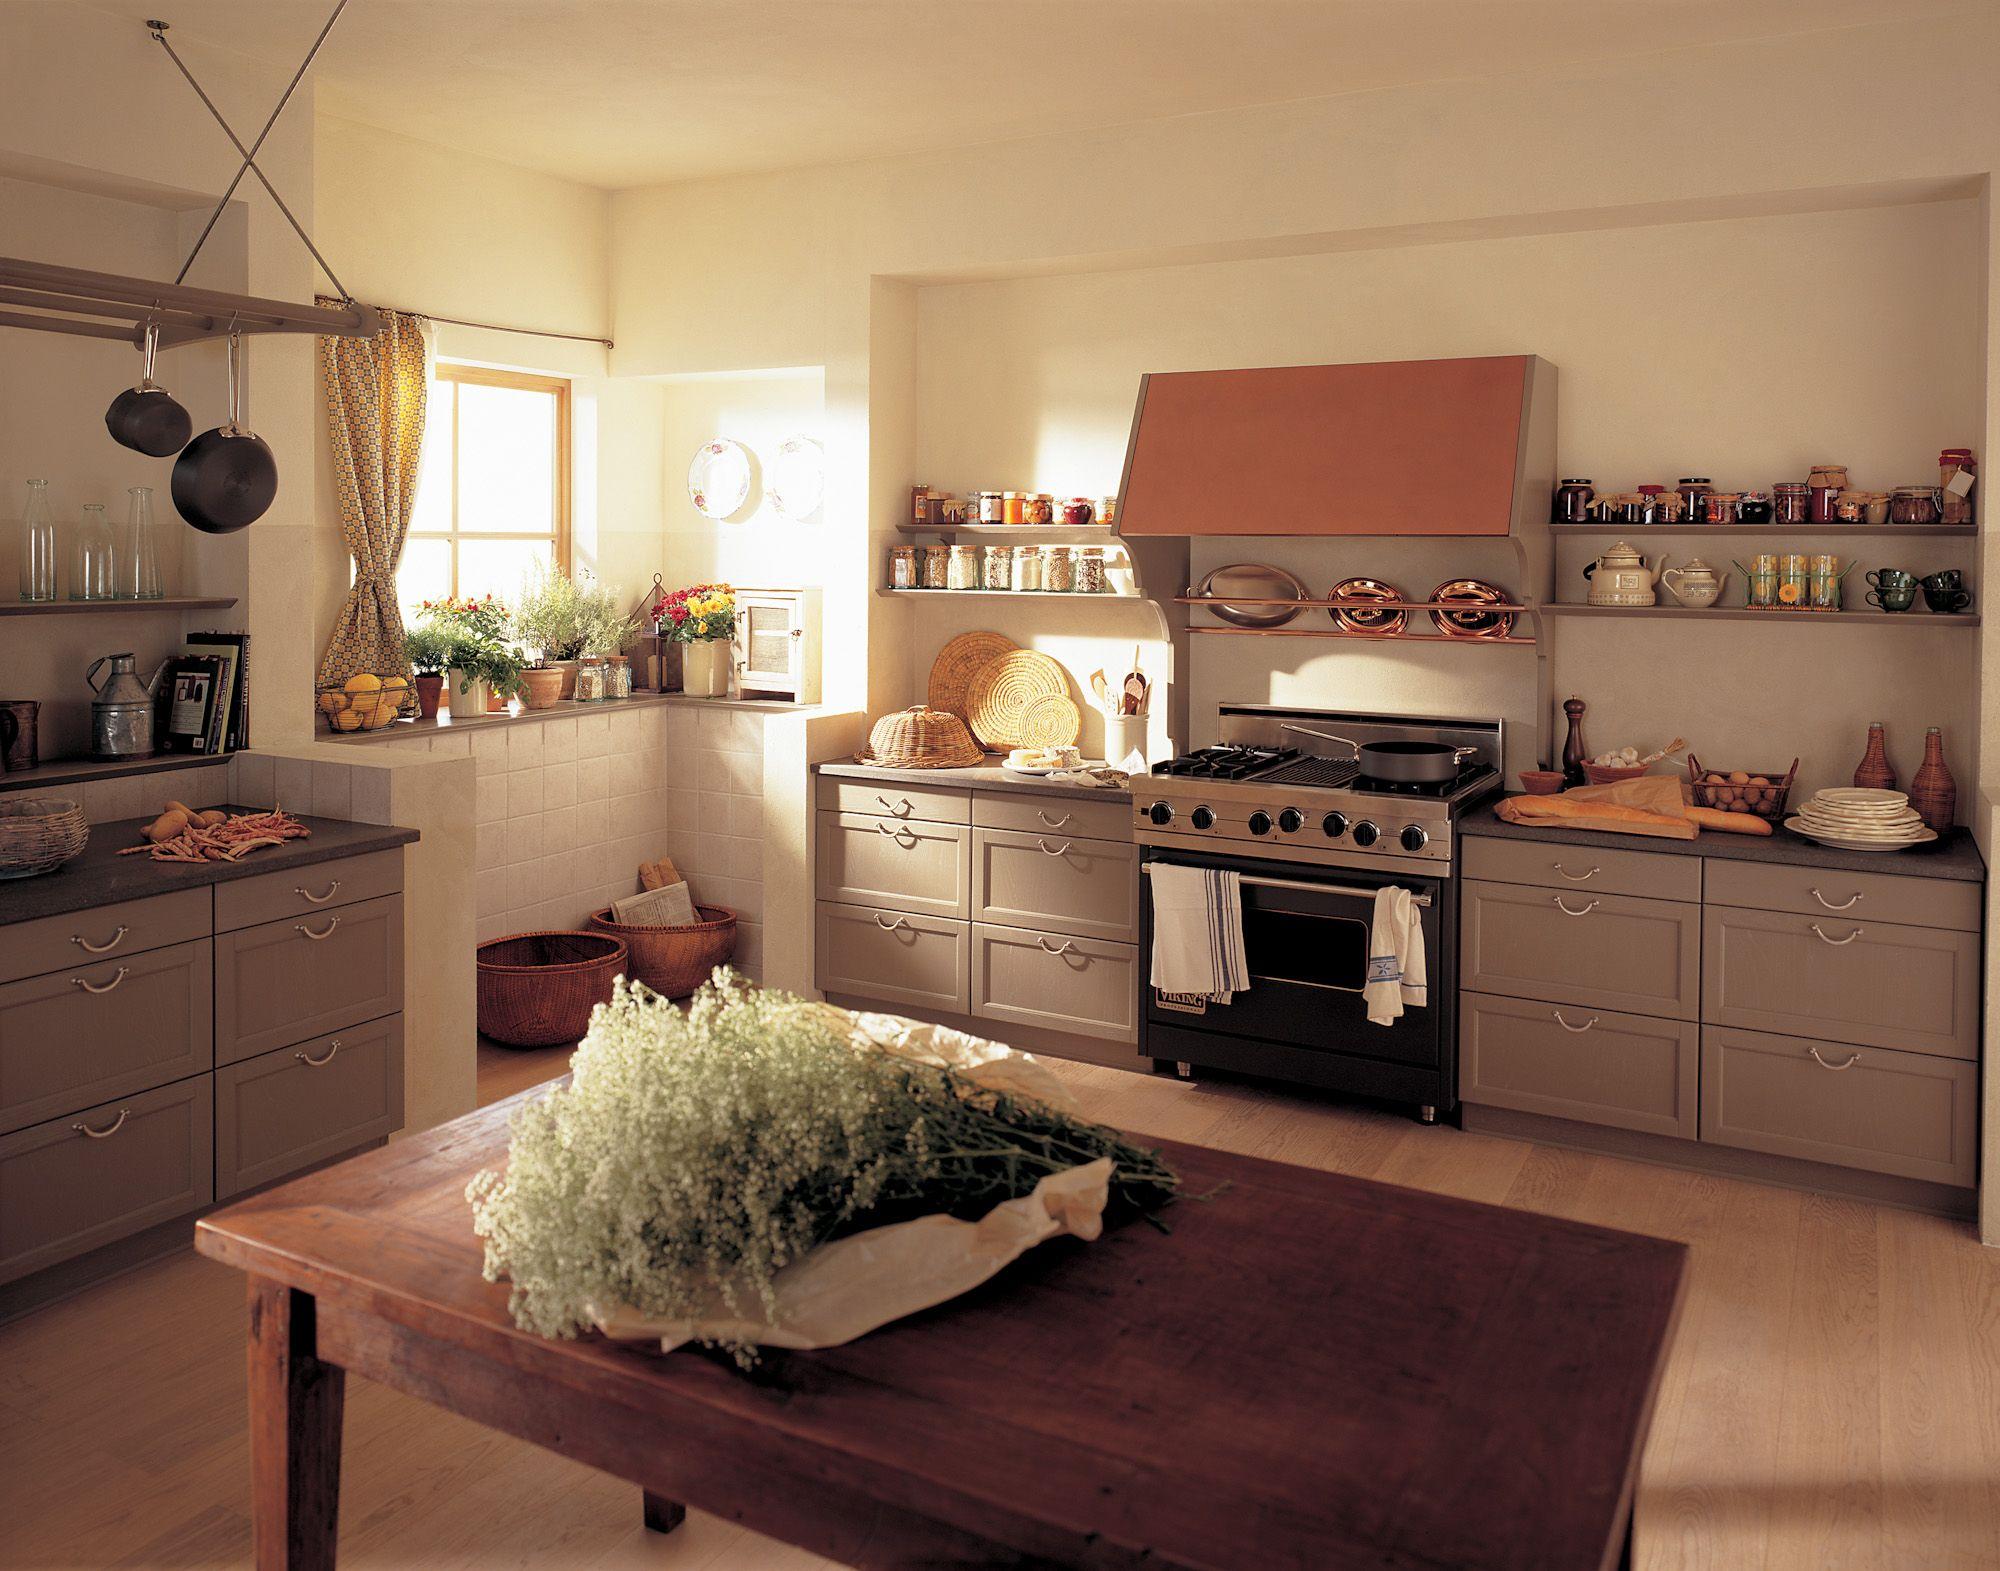 Küche | Landhausstil | Mattlack | gemütlich | heimelig | in ...